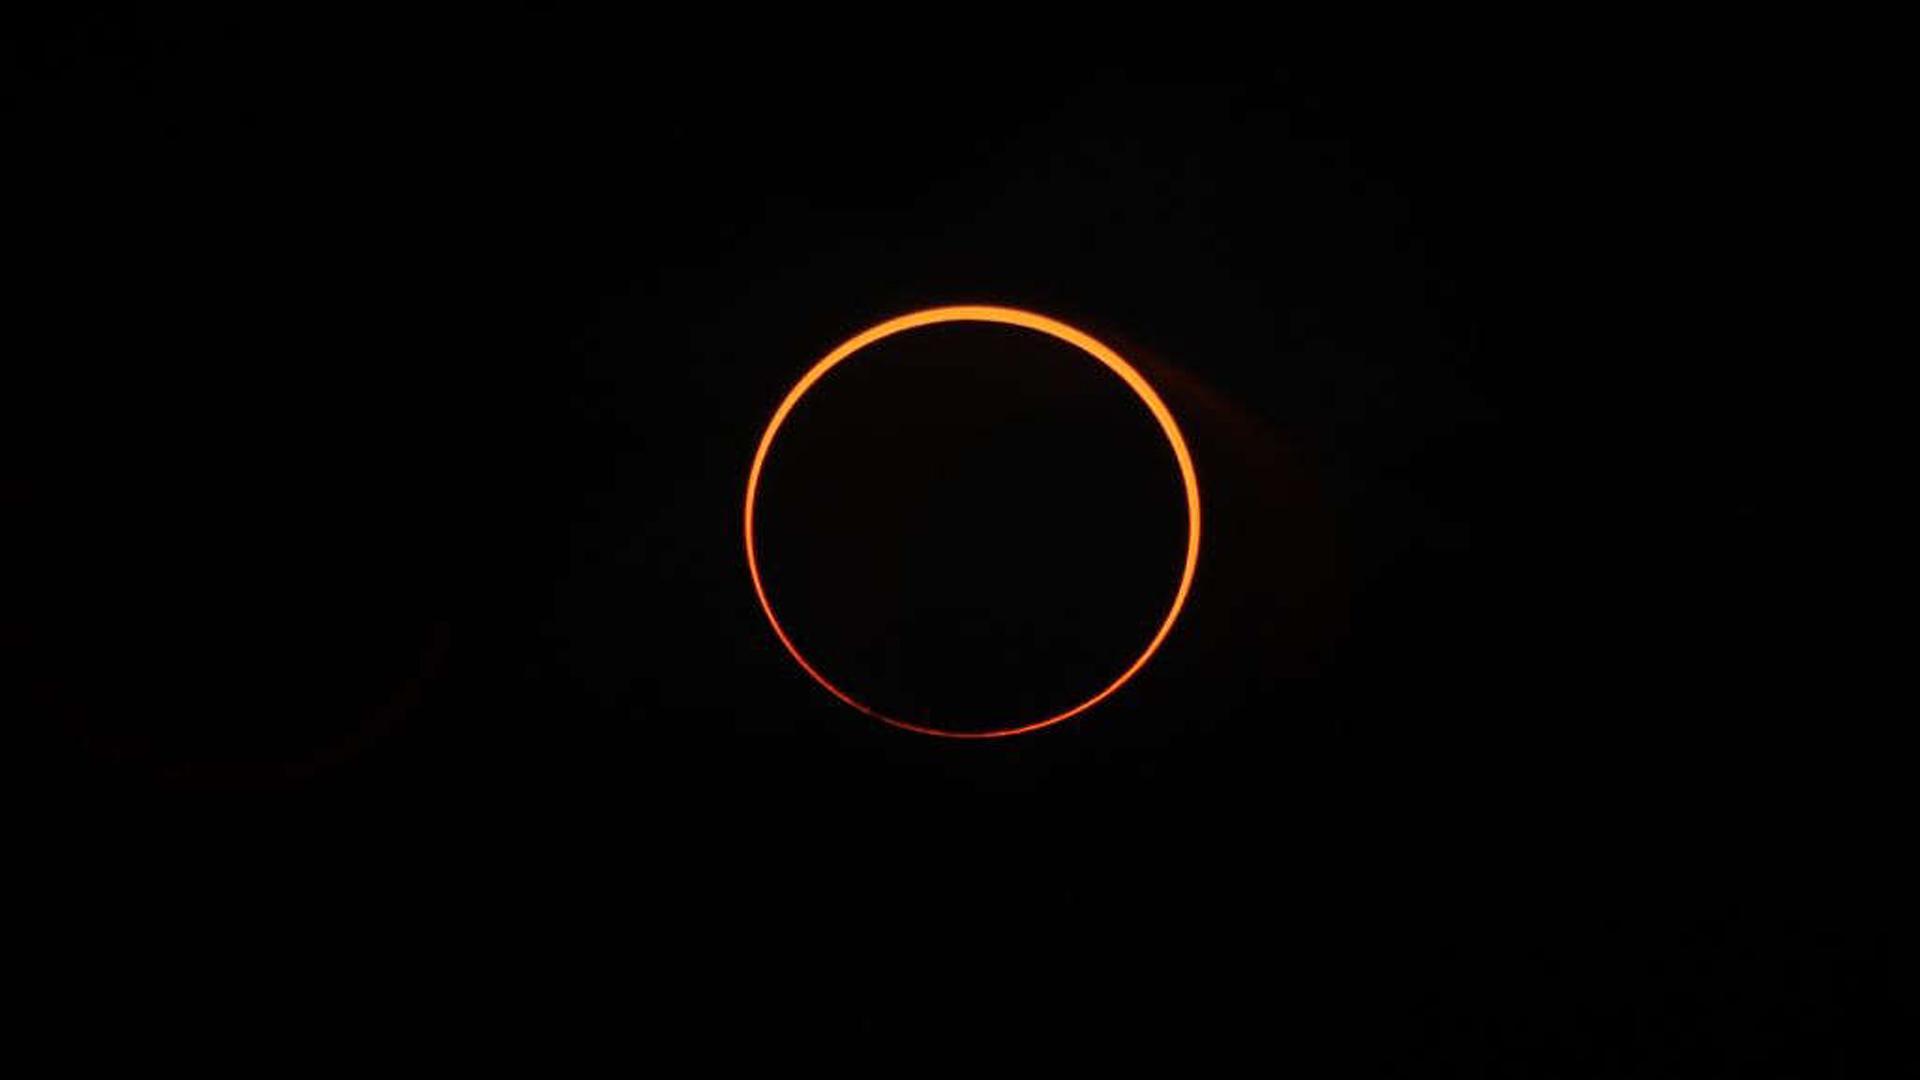 Saiba como assistir ao eclipse do anel de fogo que acontece essa semana